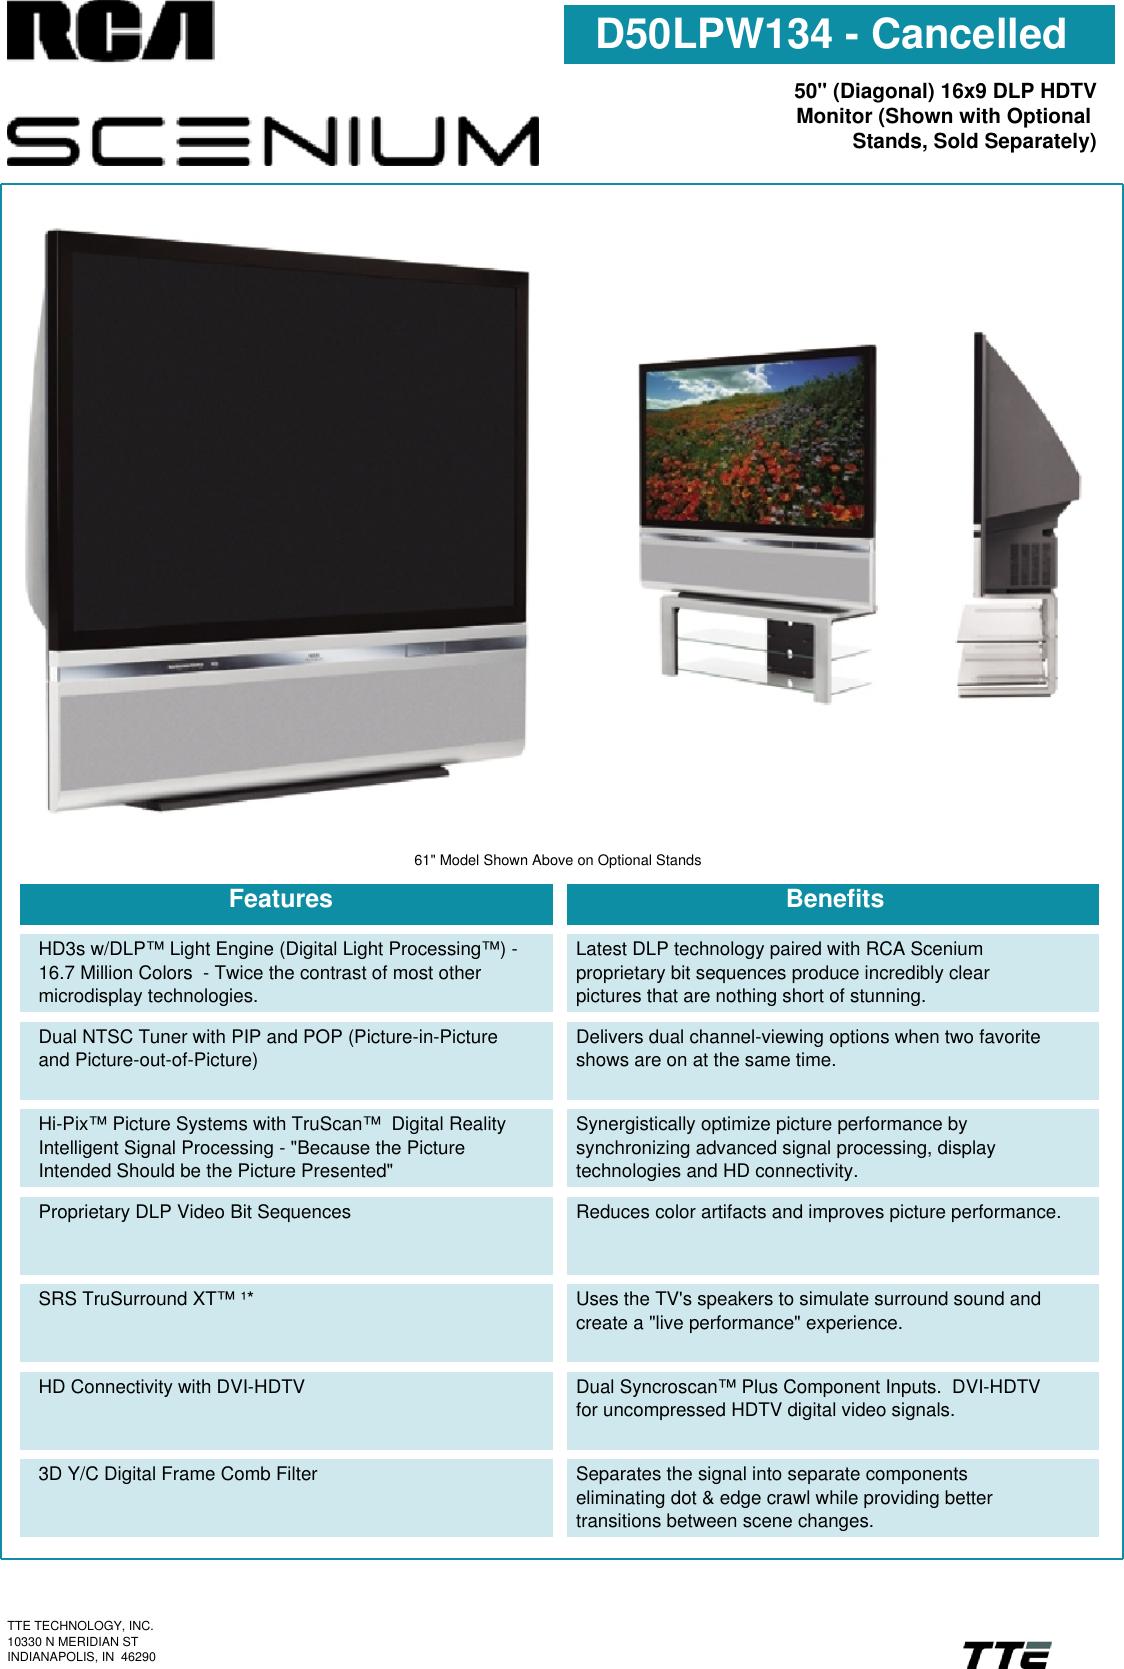 Rca Scenium D50Lpw134 Users Manual